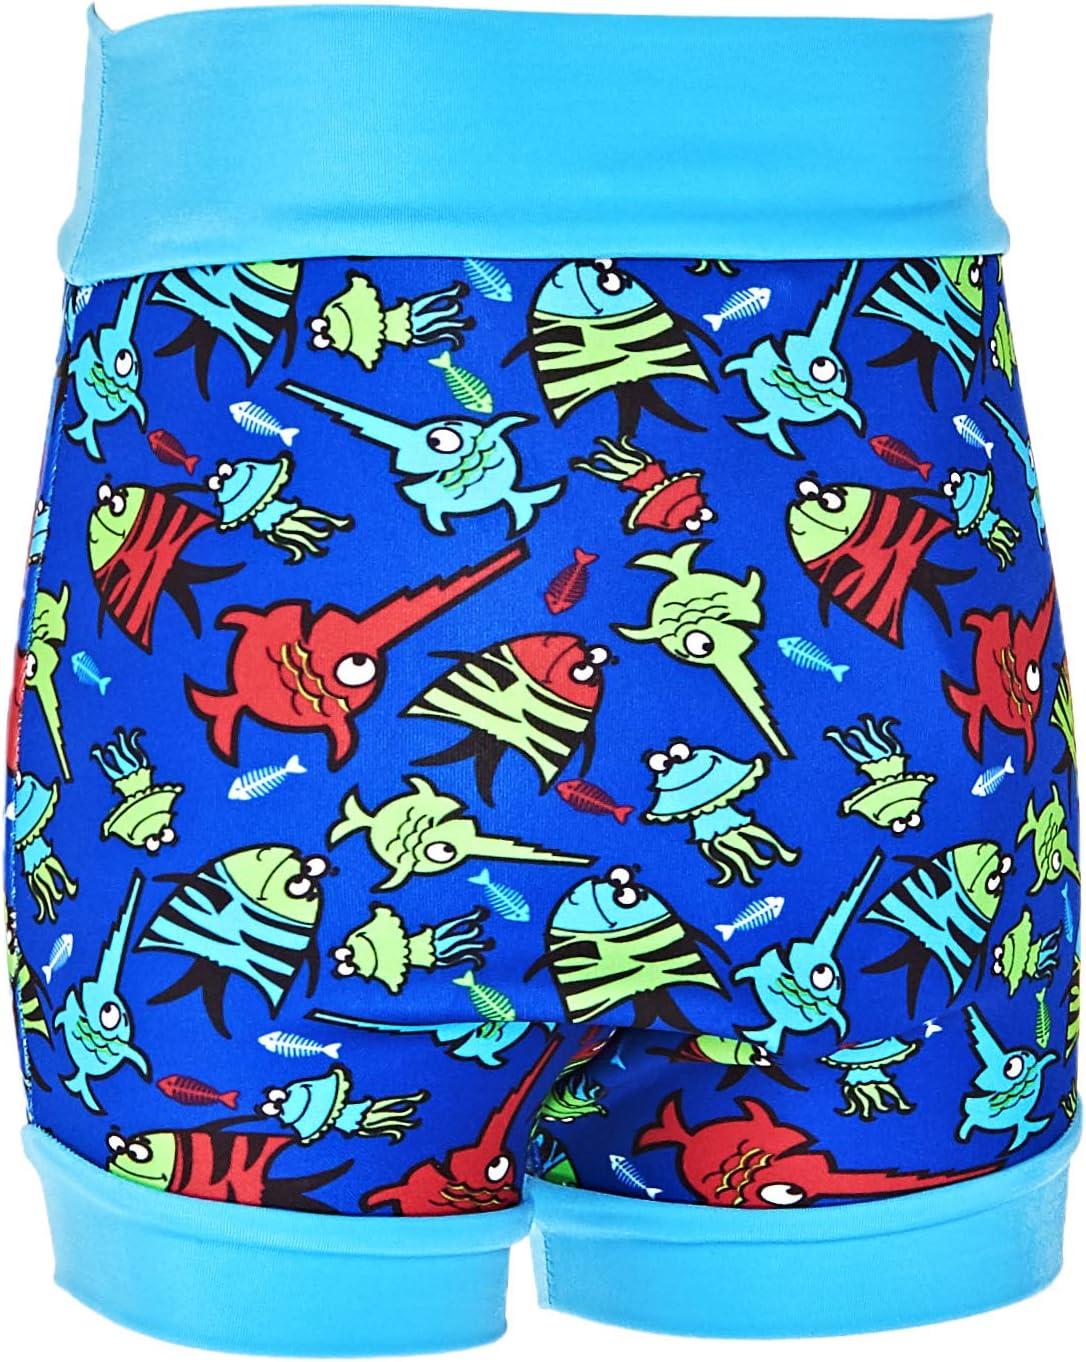 Zoggs Unisex Baby Reusable Neoprene Swim Nappy